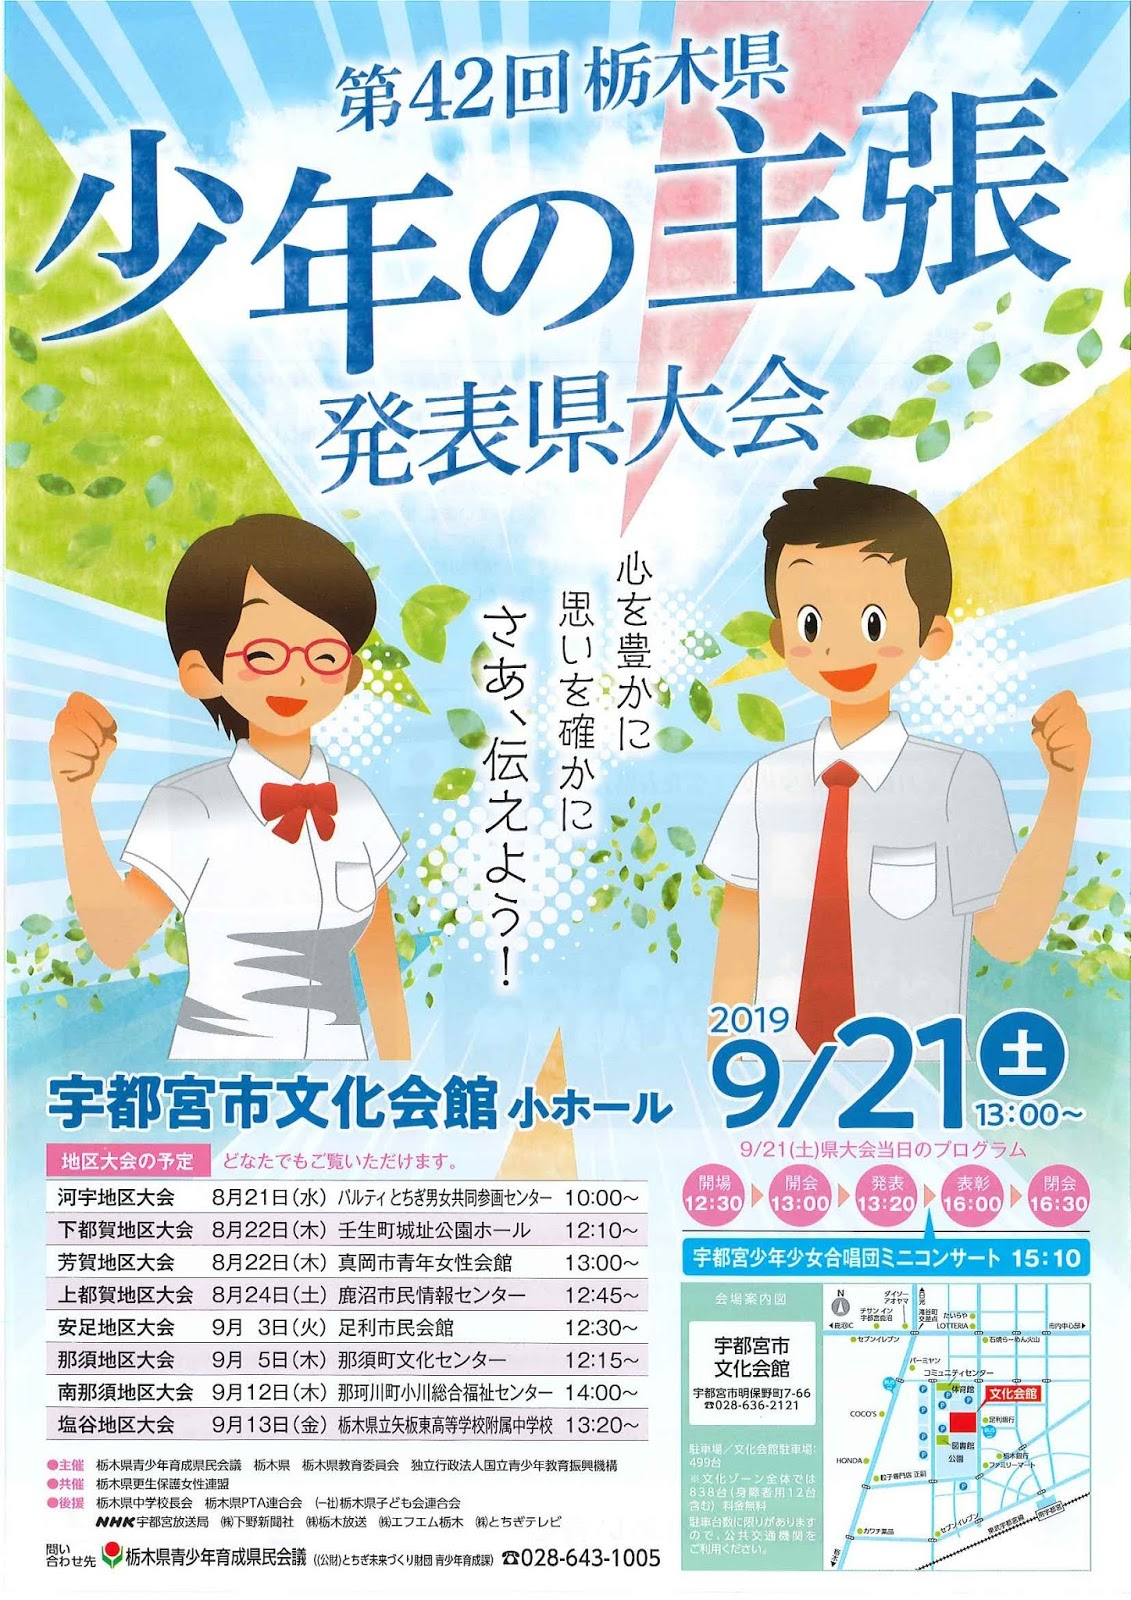 教育 会 委員 県 栃木